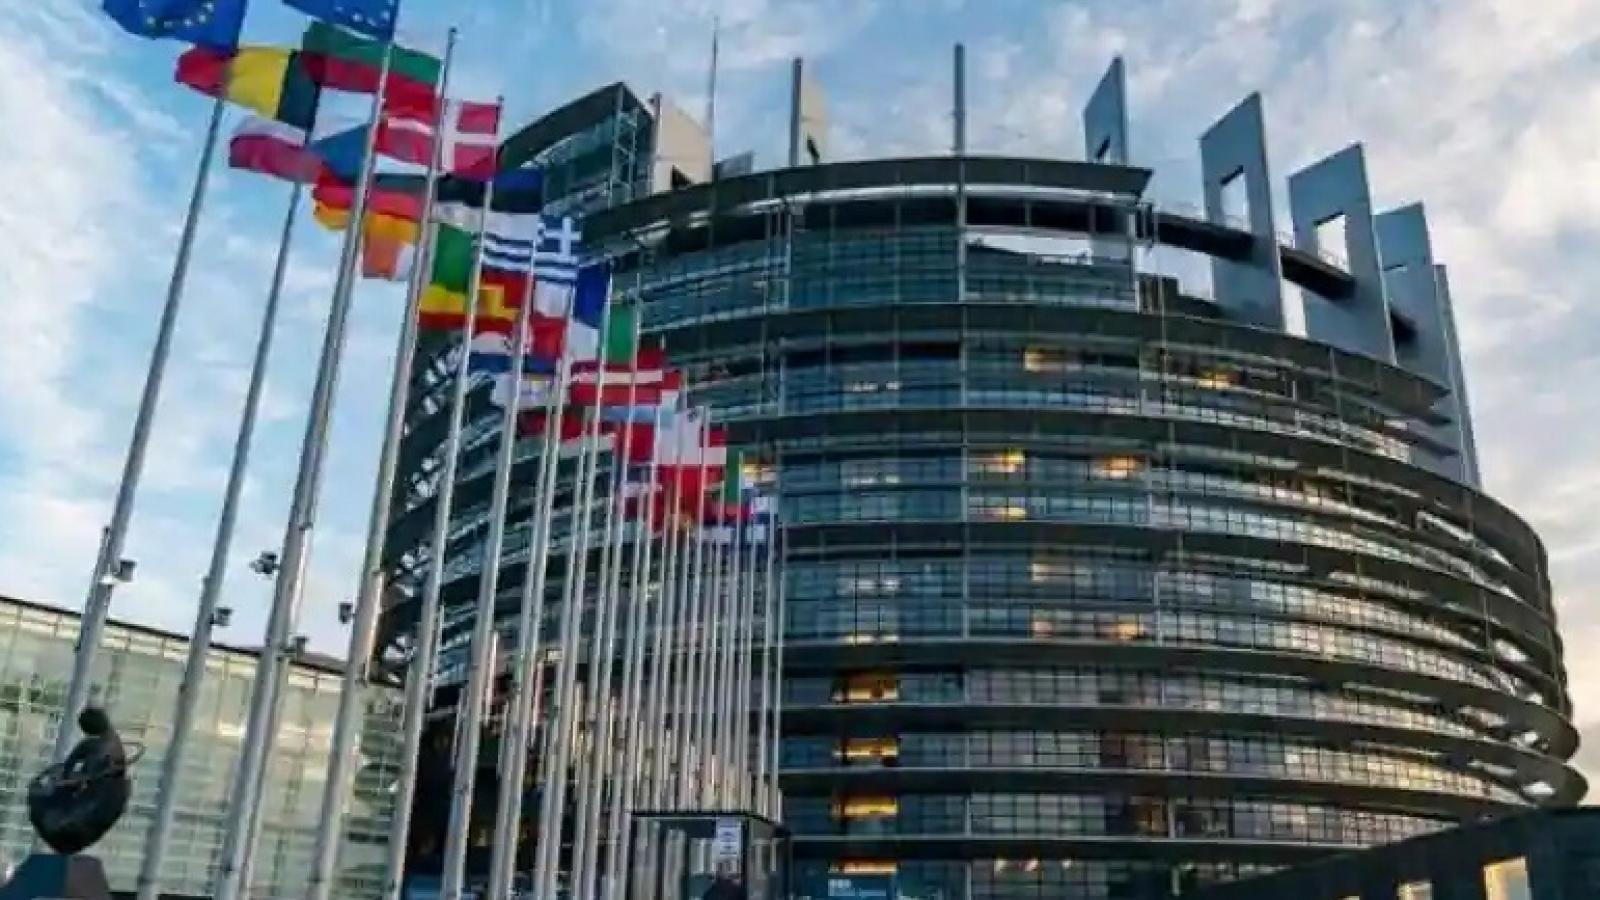 Nghị viện châu Âu thông qua quỹ 21 tỷ USD hỗ trợ các nước EU bỏ nhiên liệu hóa thạch